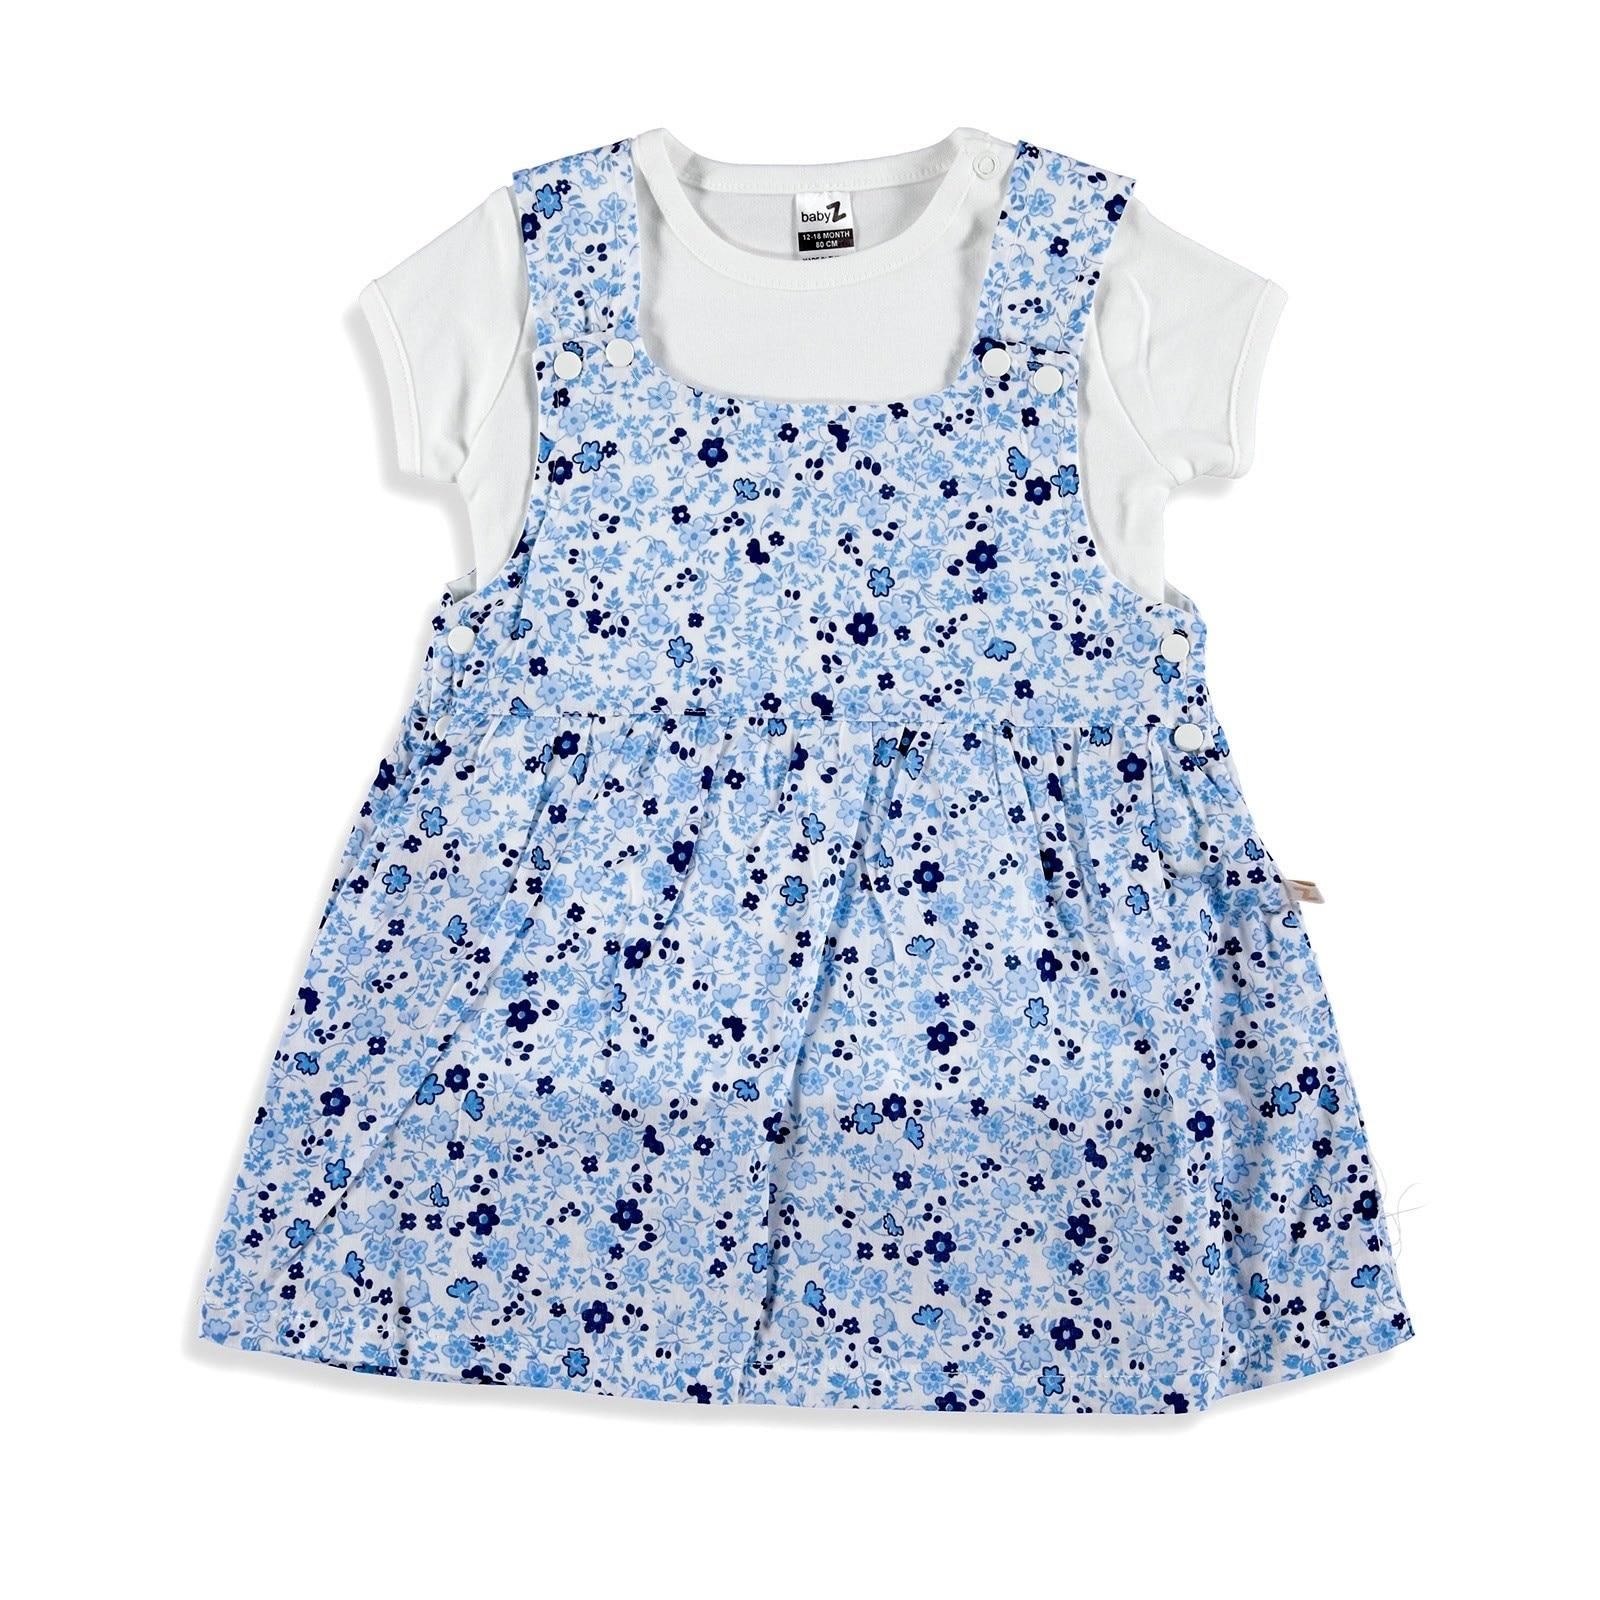 NEW Toddler Girls Easter Bunny Pink Spring Garden Butterflies Dress 2 pc Set 12m